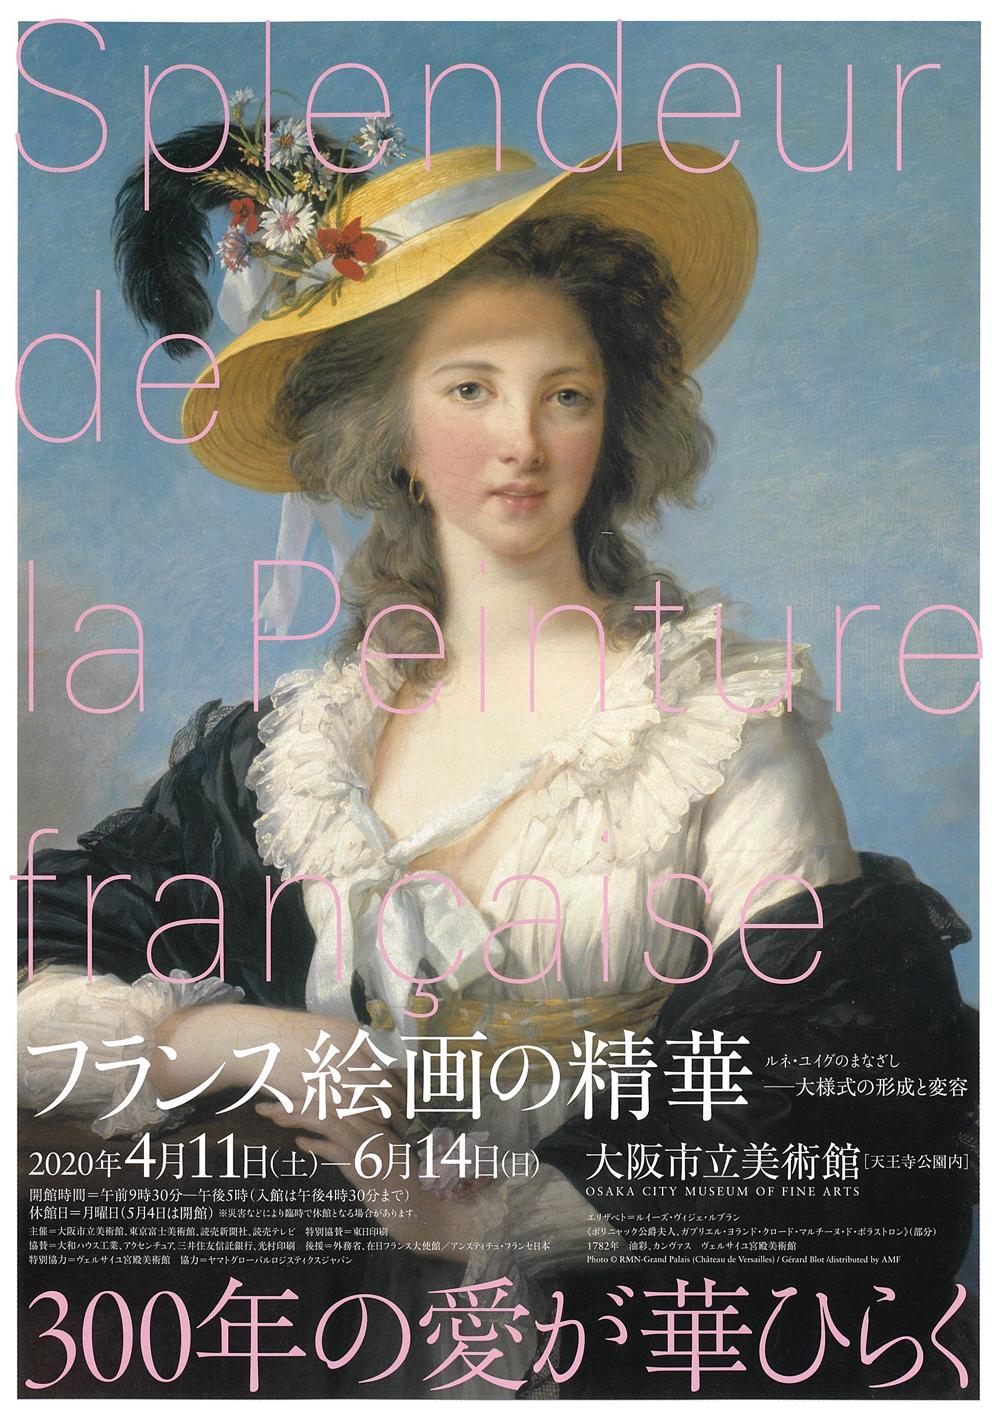 特別展「フランス絵画の精華」